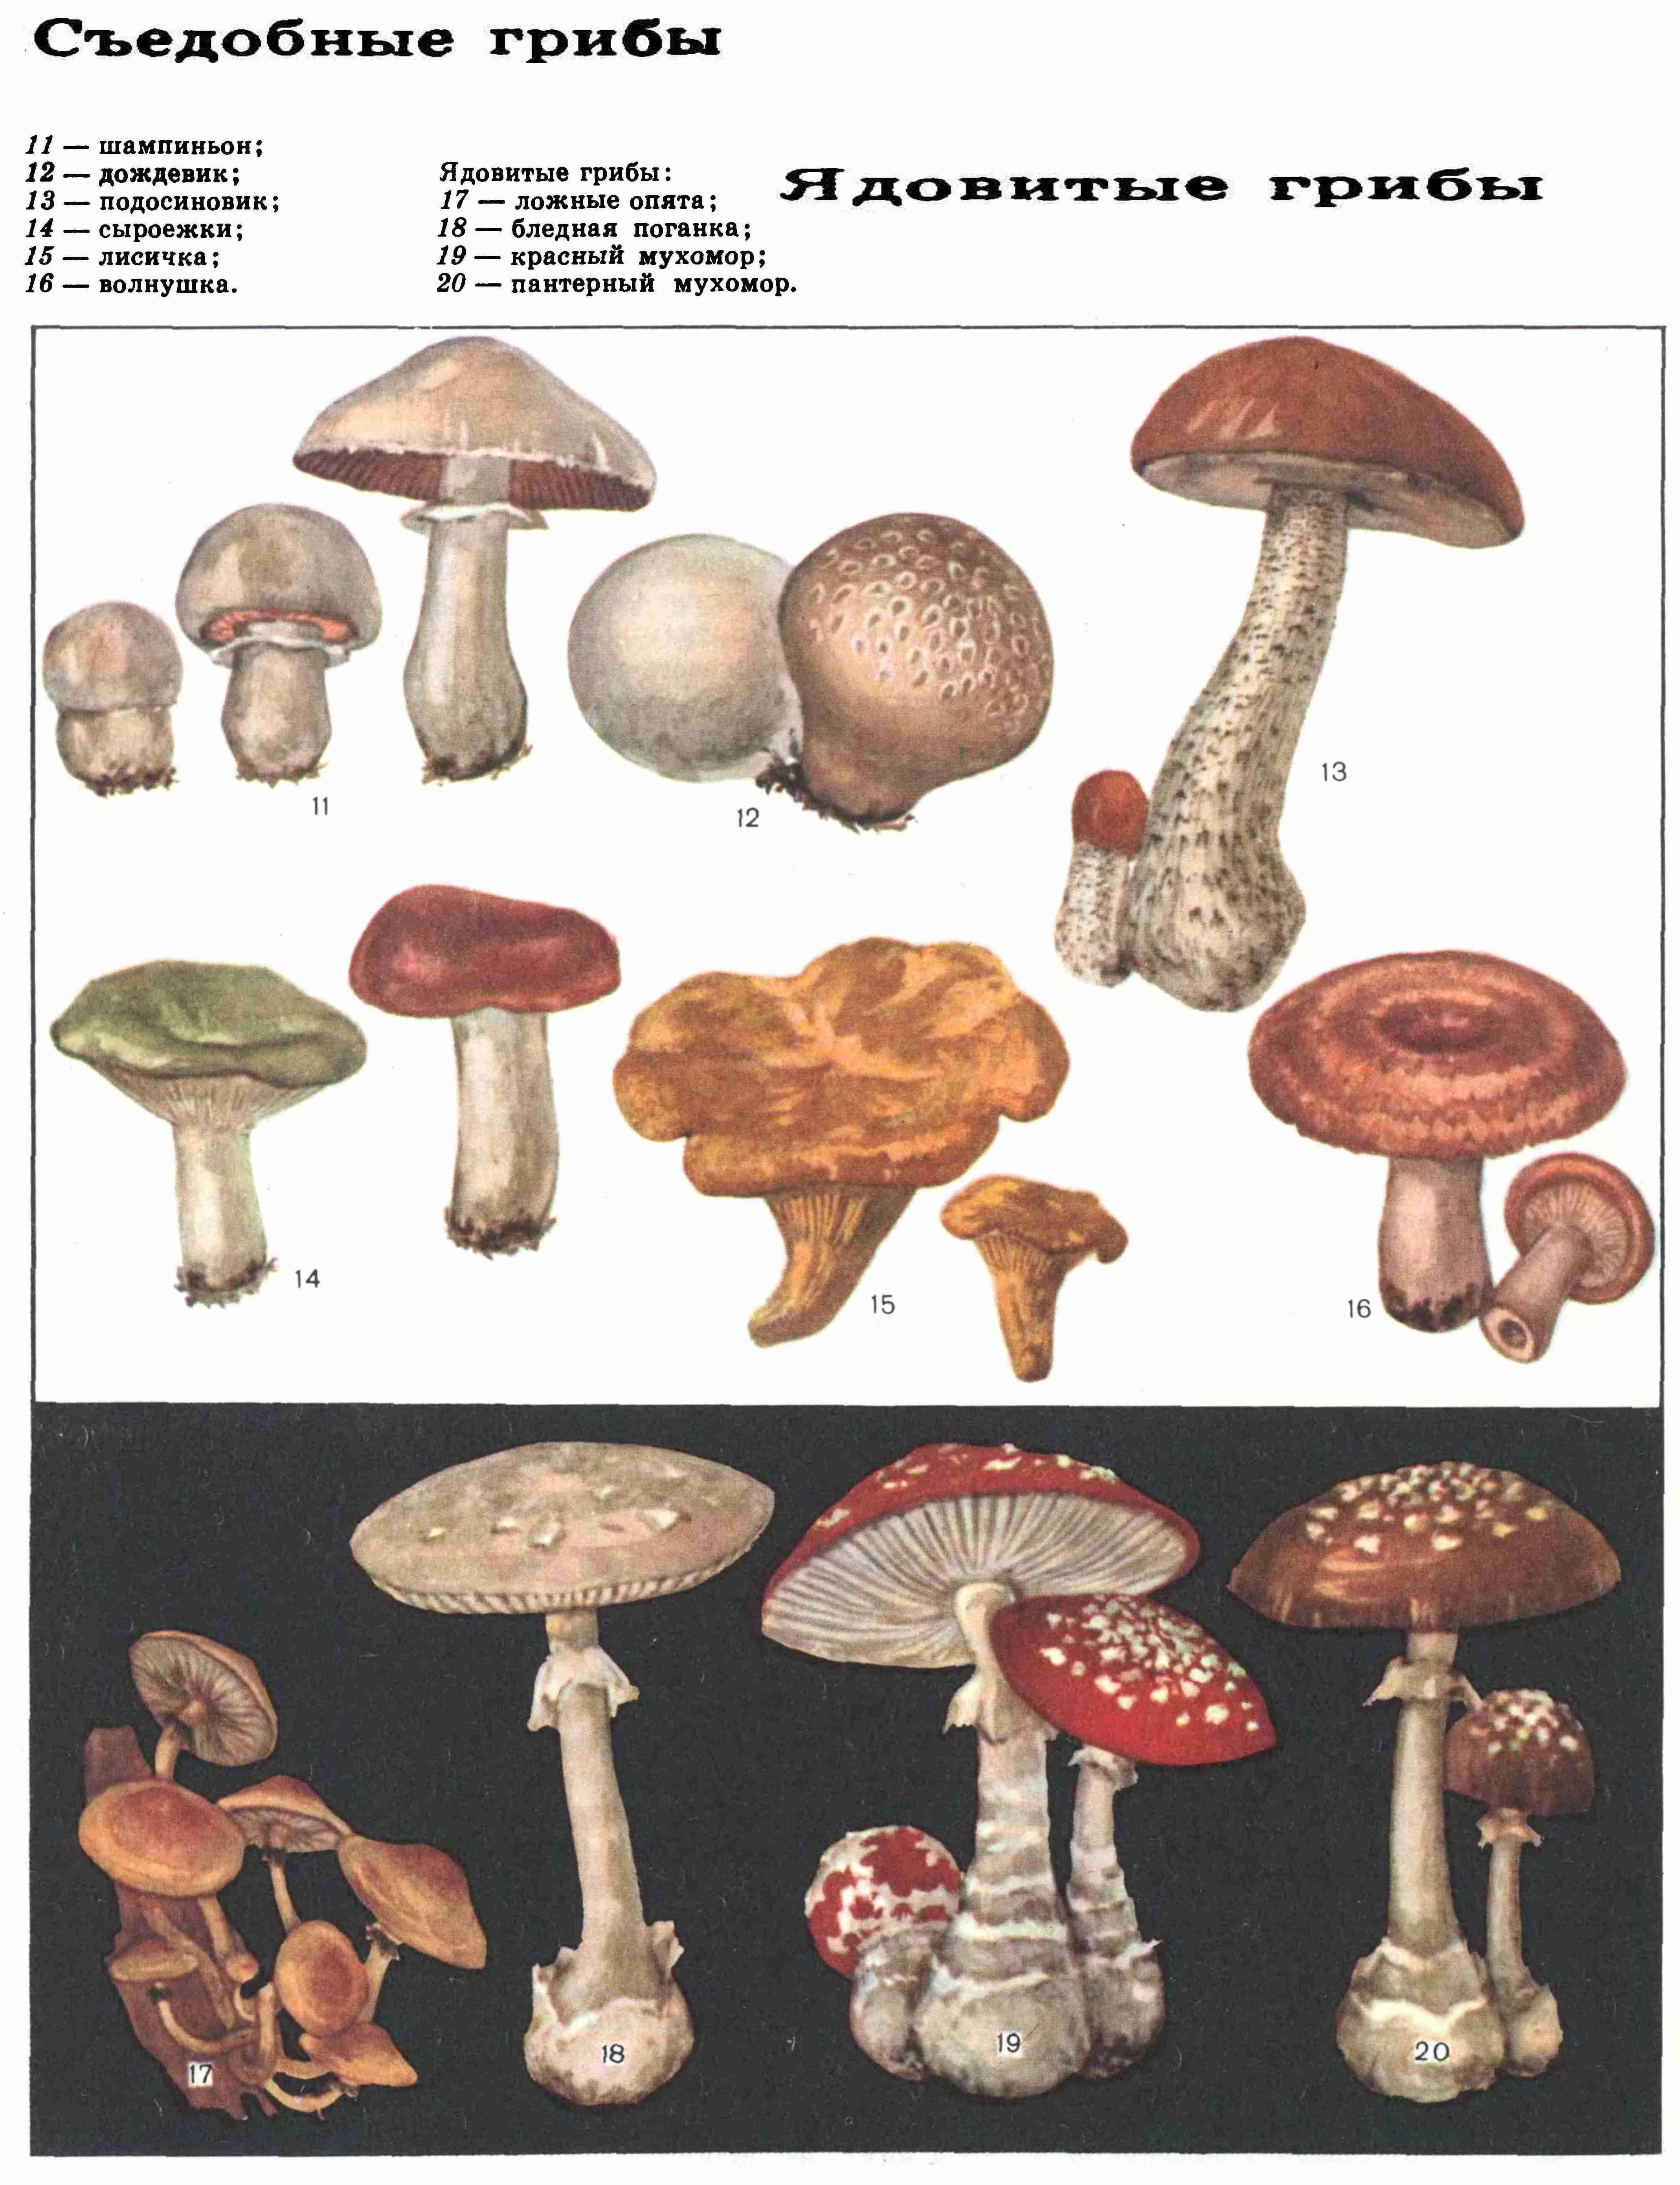 ядовитые грибы фото